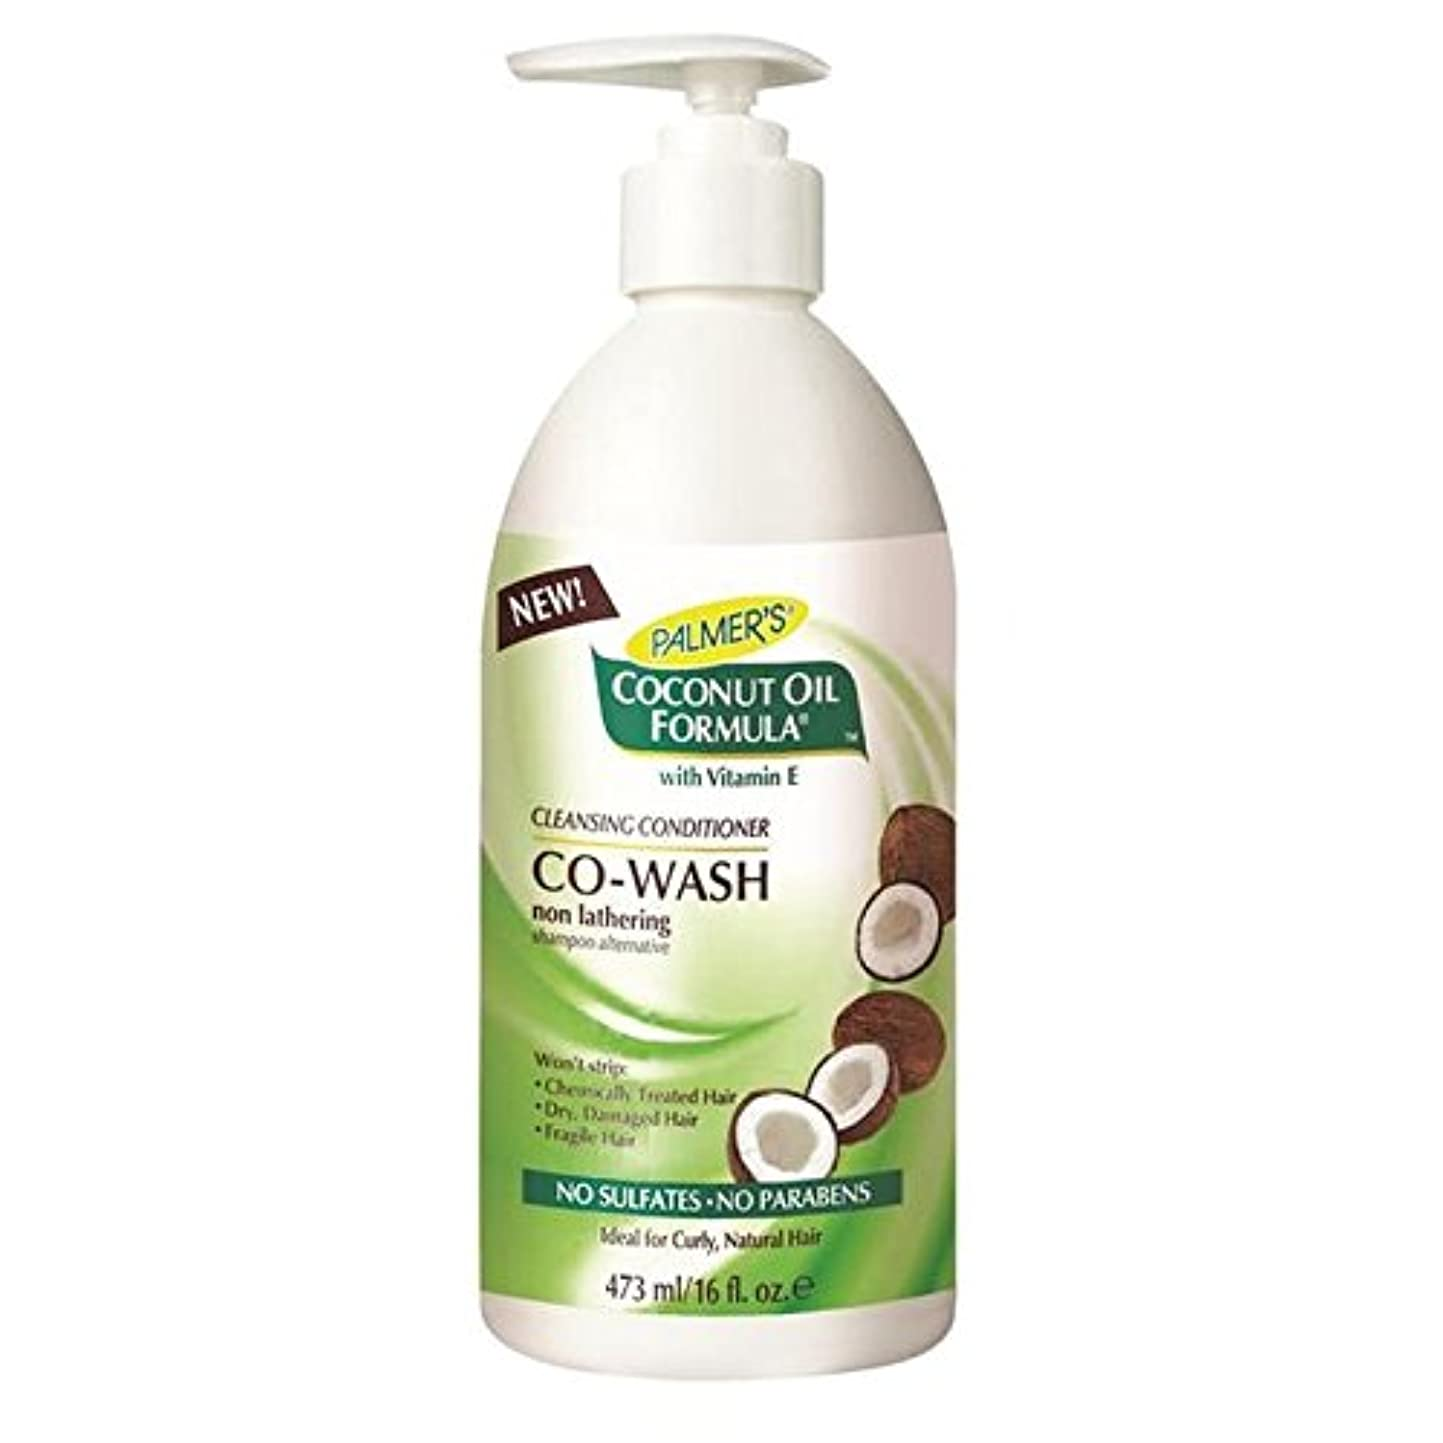 雇った眠いです社交的パーマーのココナッツ式コウォッシュクレンジングコンディショナー、シャンプー代替473ミリリットル x4 - Palmer's Coconut Formula Co-Wash Cleansing Conditioner, Shampoo Alternative 473ml (Pack of 4) [並行輸入品]